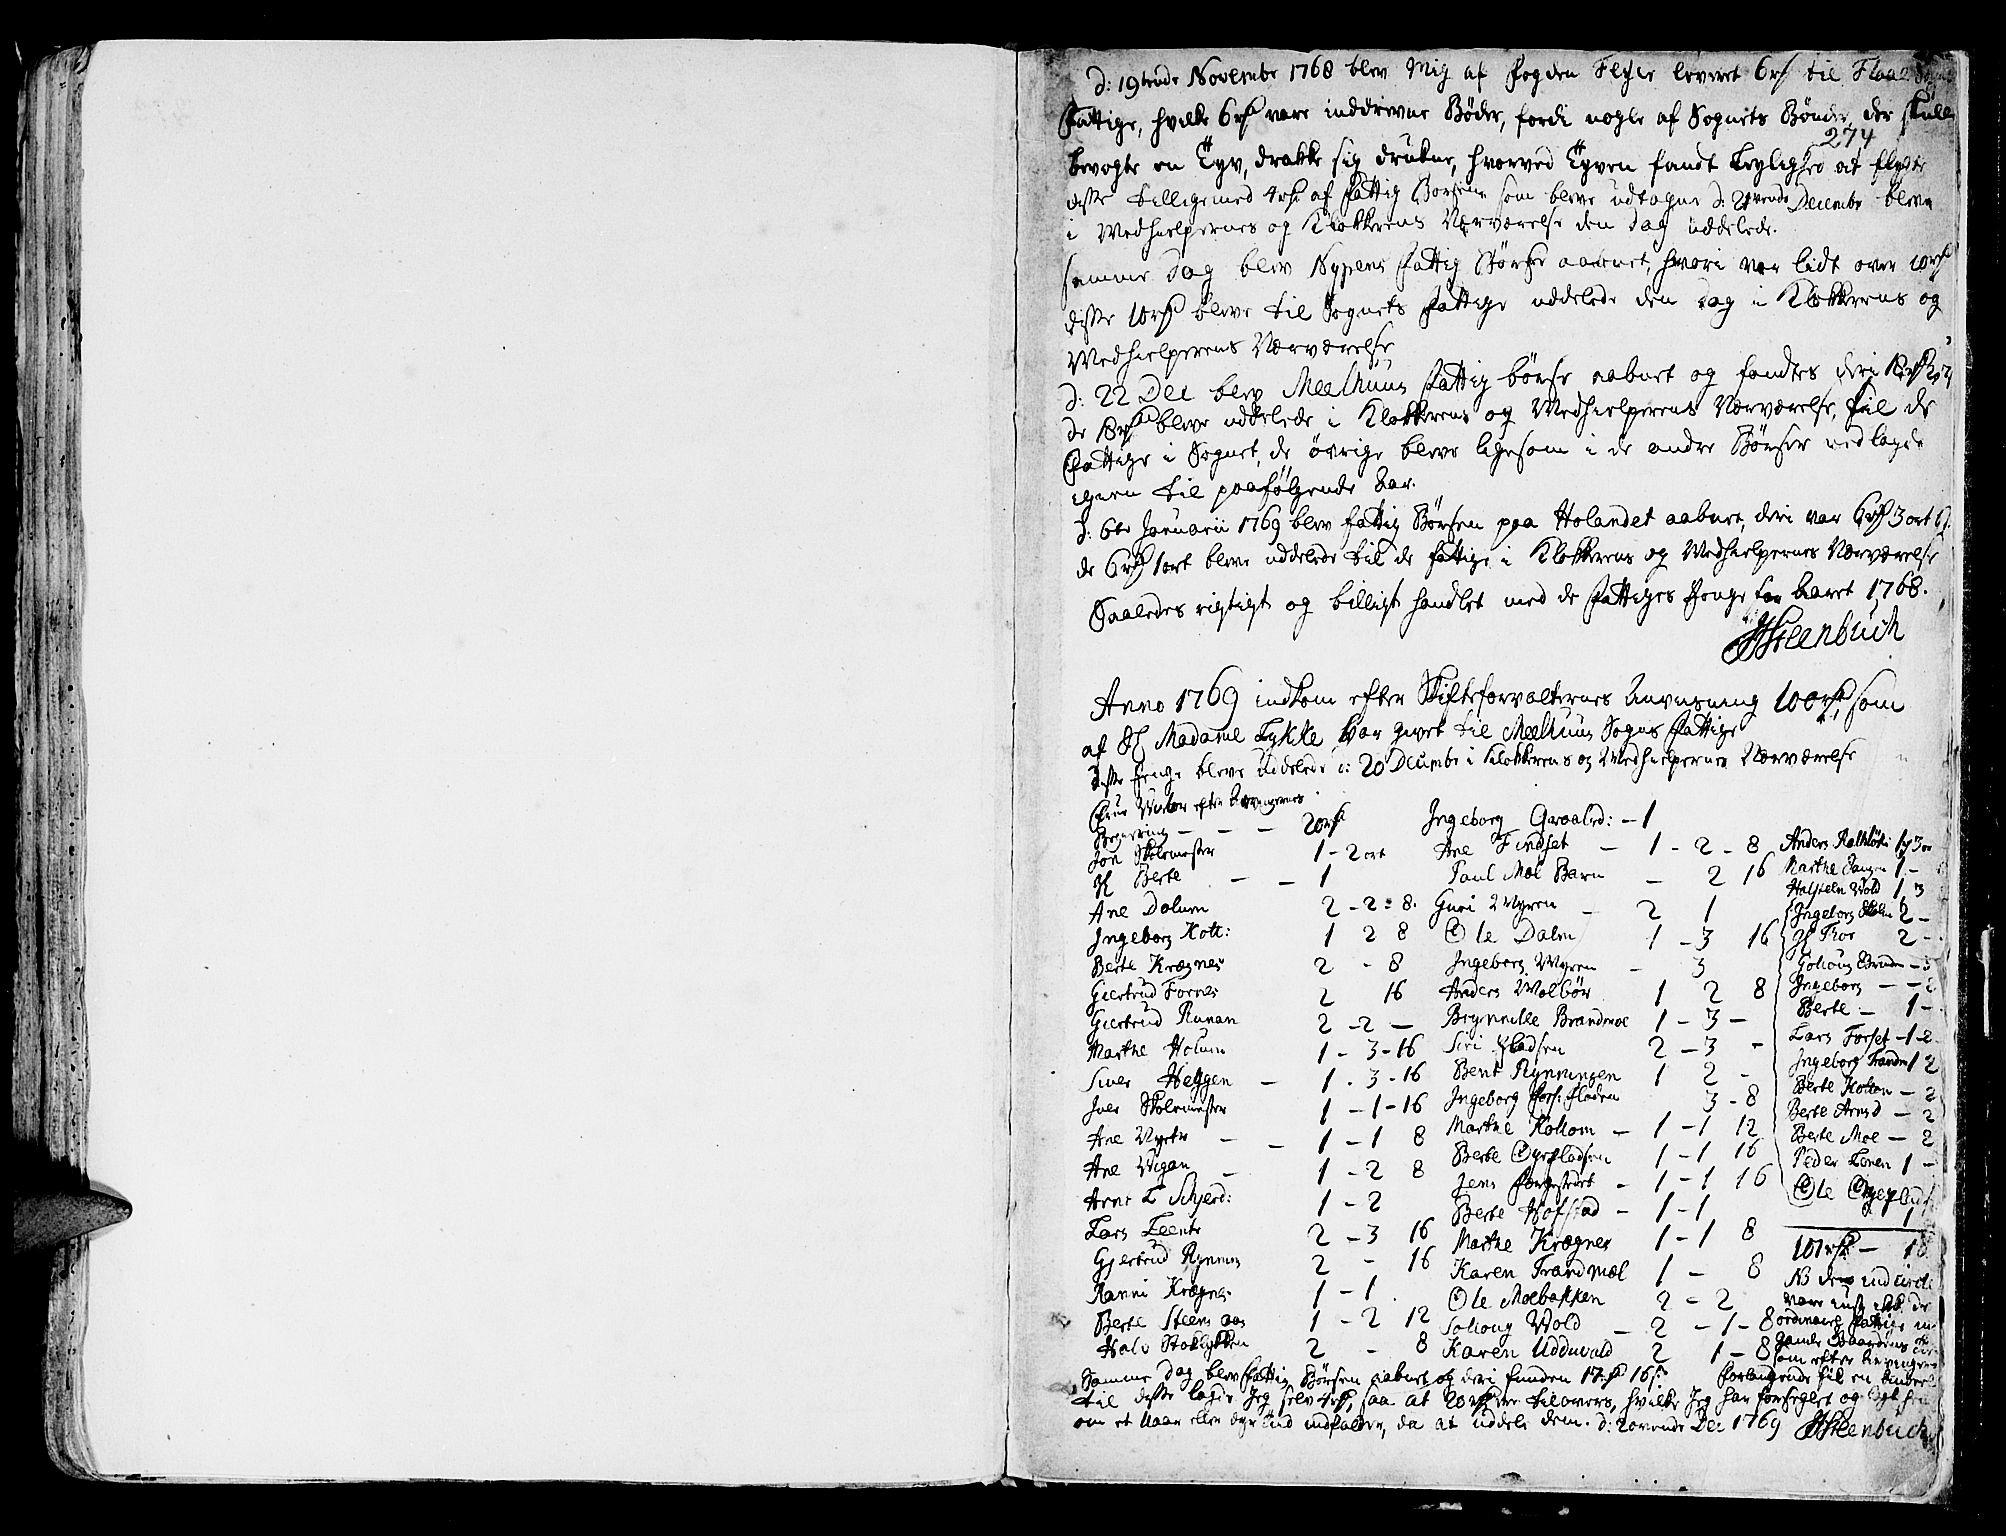 SAT, Ministerialprotokoller, klokkerbøker og fødselsregistre - Sør-Trøndelag, 691/L1061: Ministerialbok nr. 691A02 /1, 1768-1815, s. 274